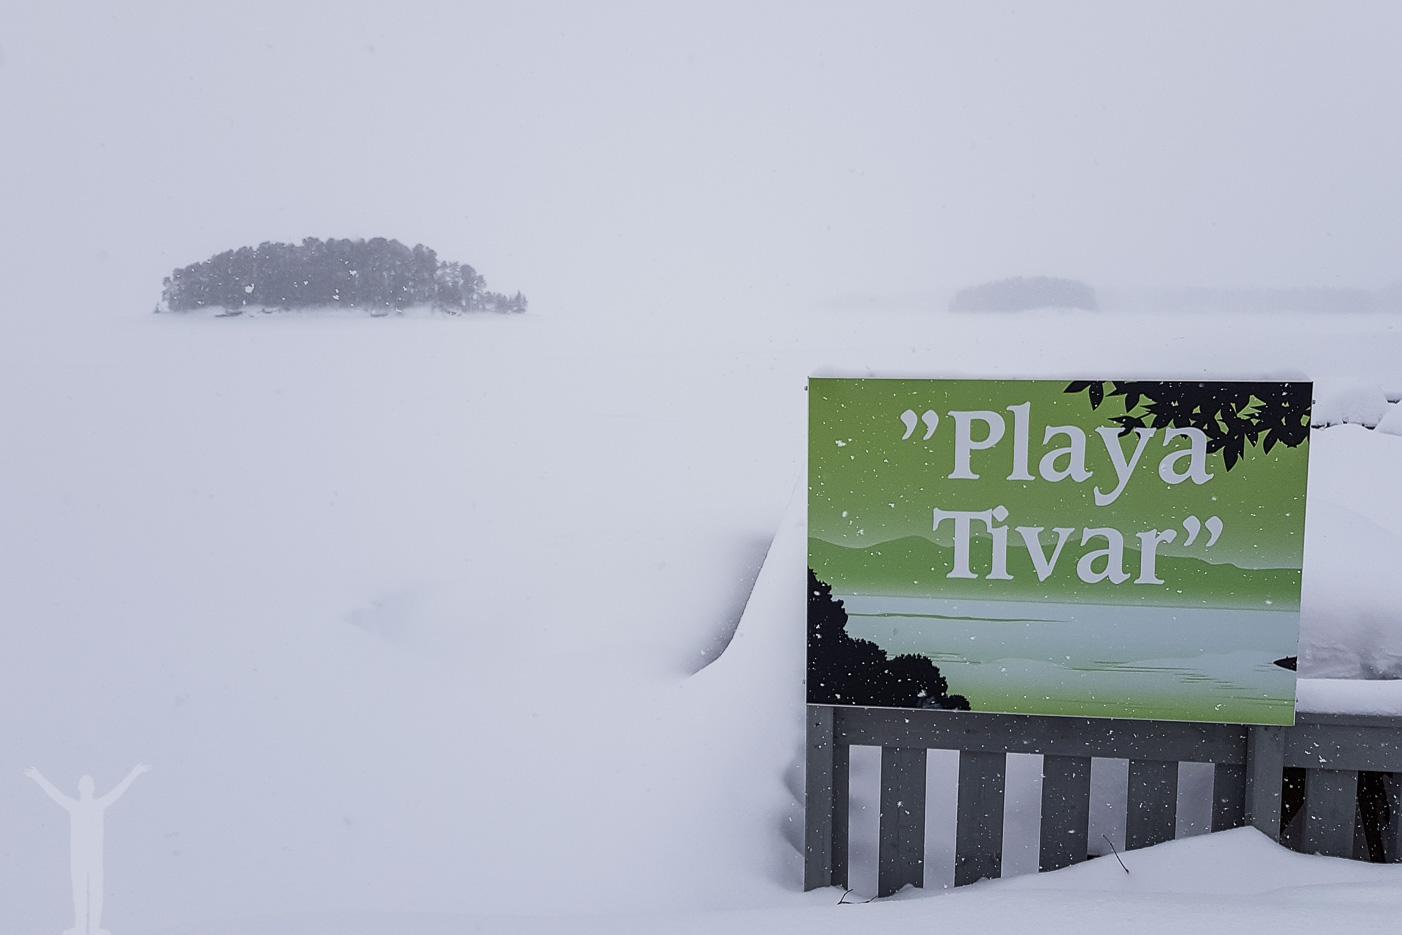 Playa Tivar